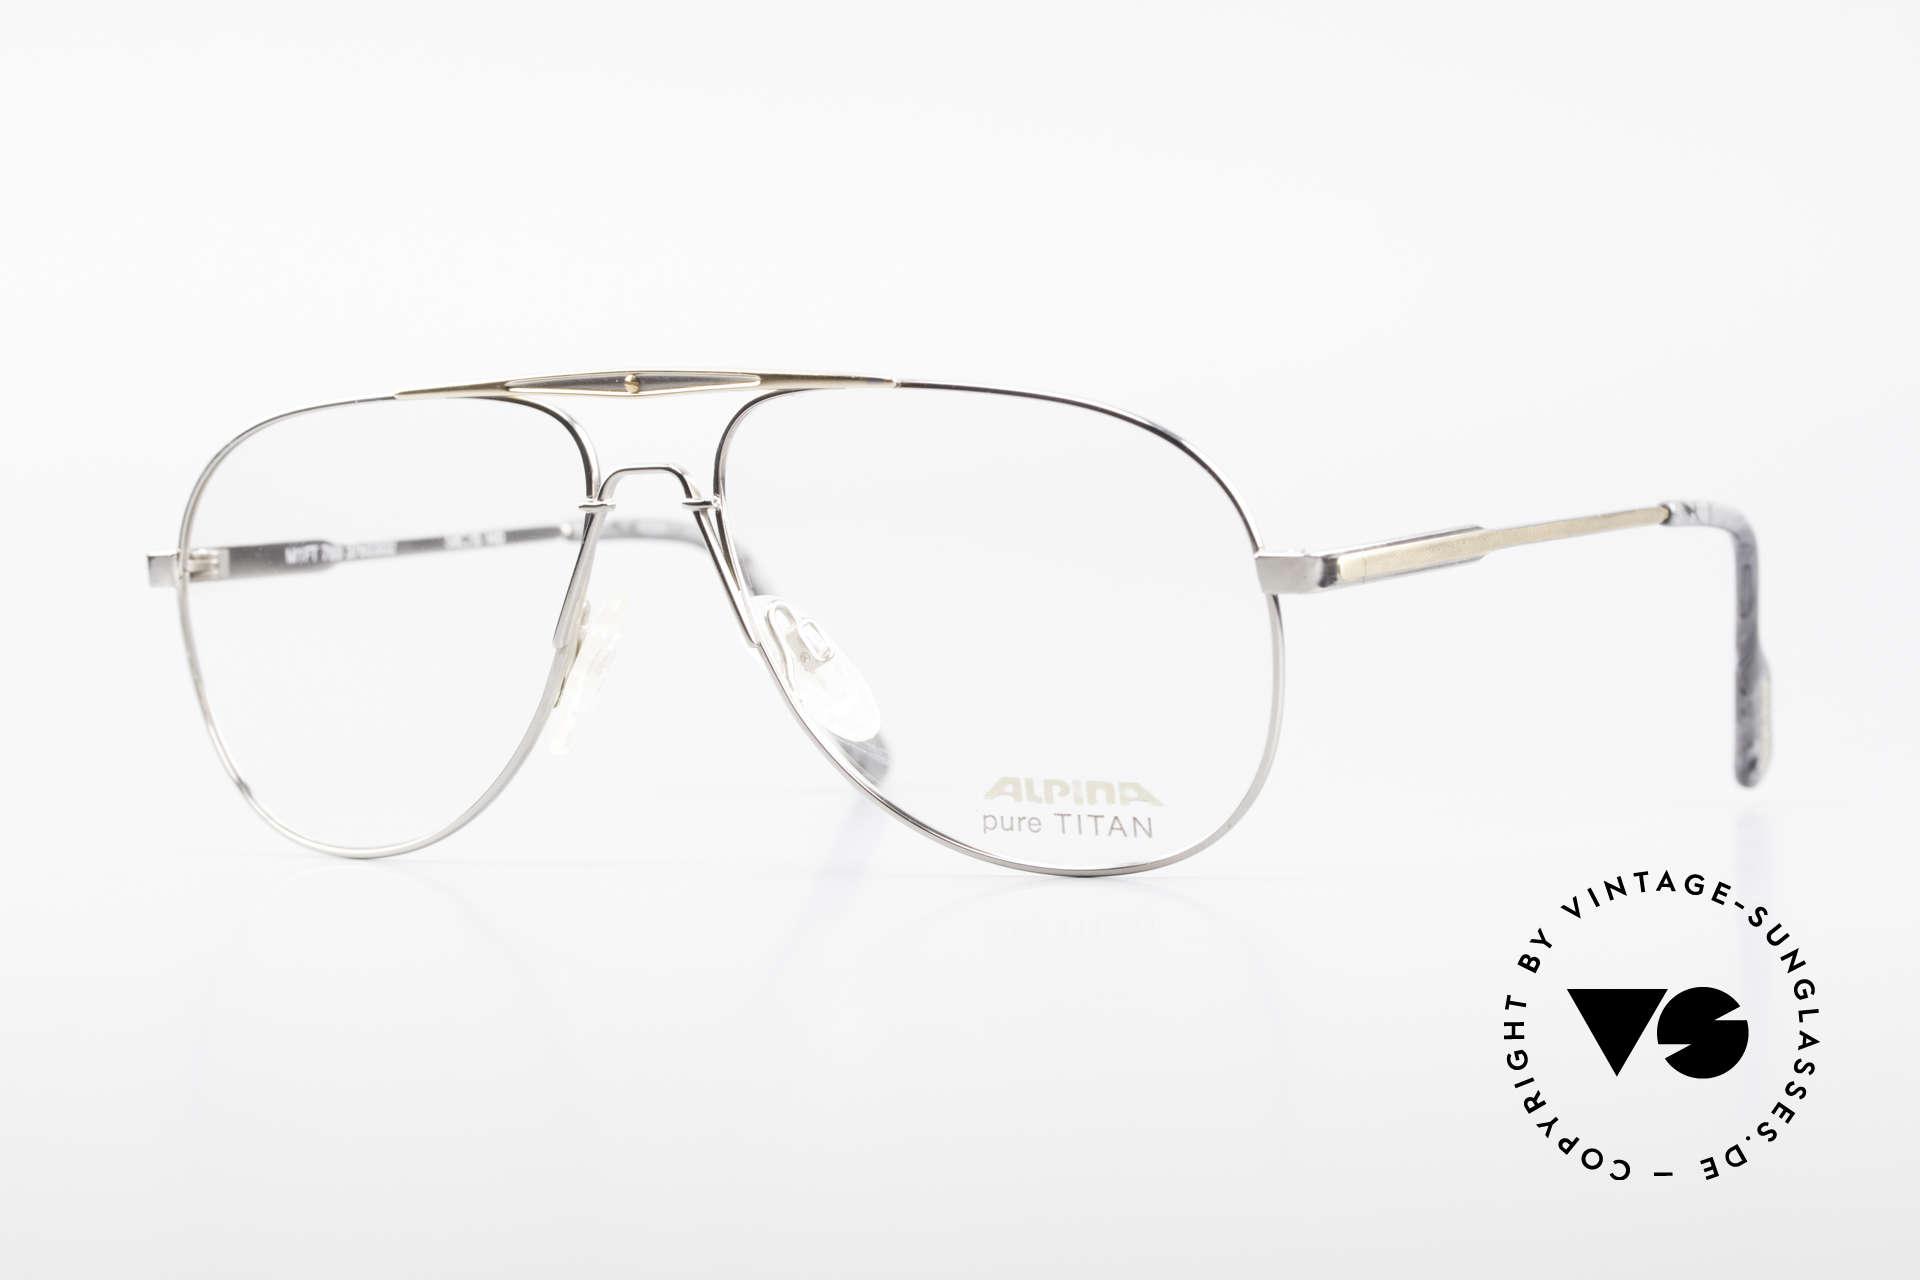 Alpina M1FT Vintage Aviator Titan Frame, true vintage 1990's designer eyeglasses by ALPINA, Made for Men